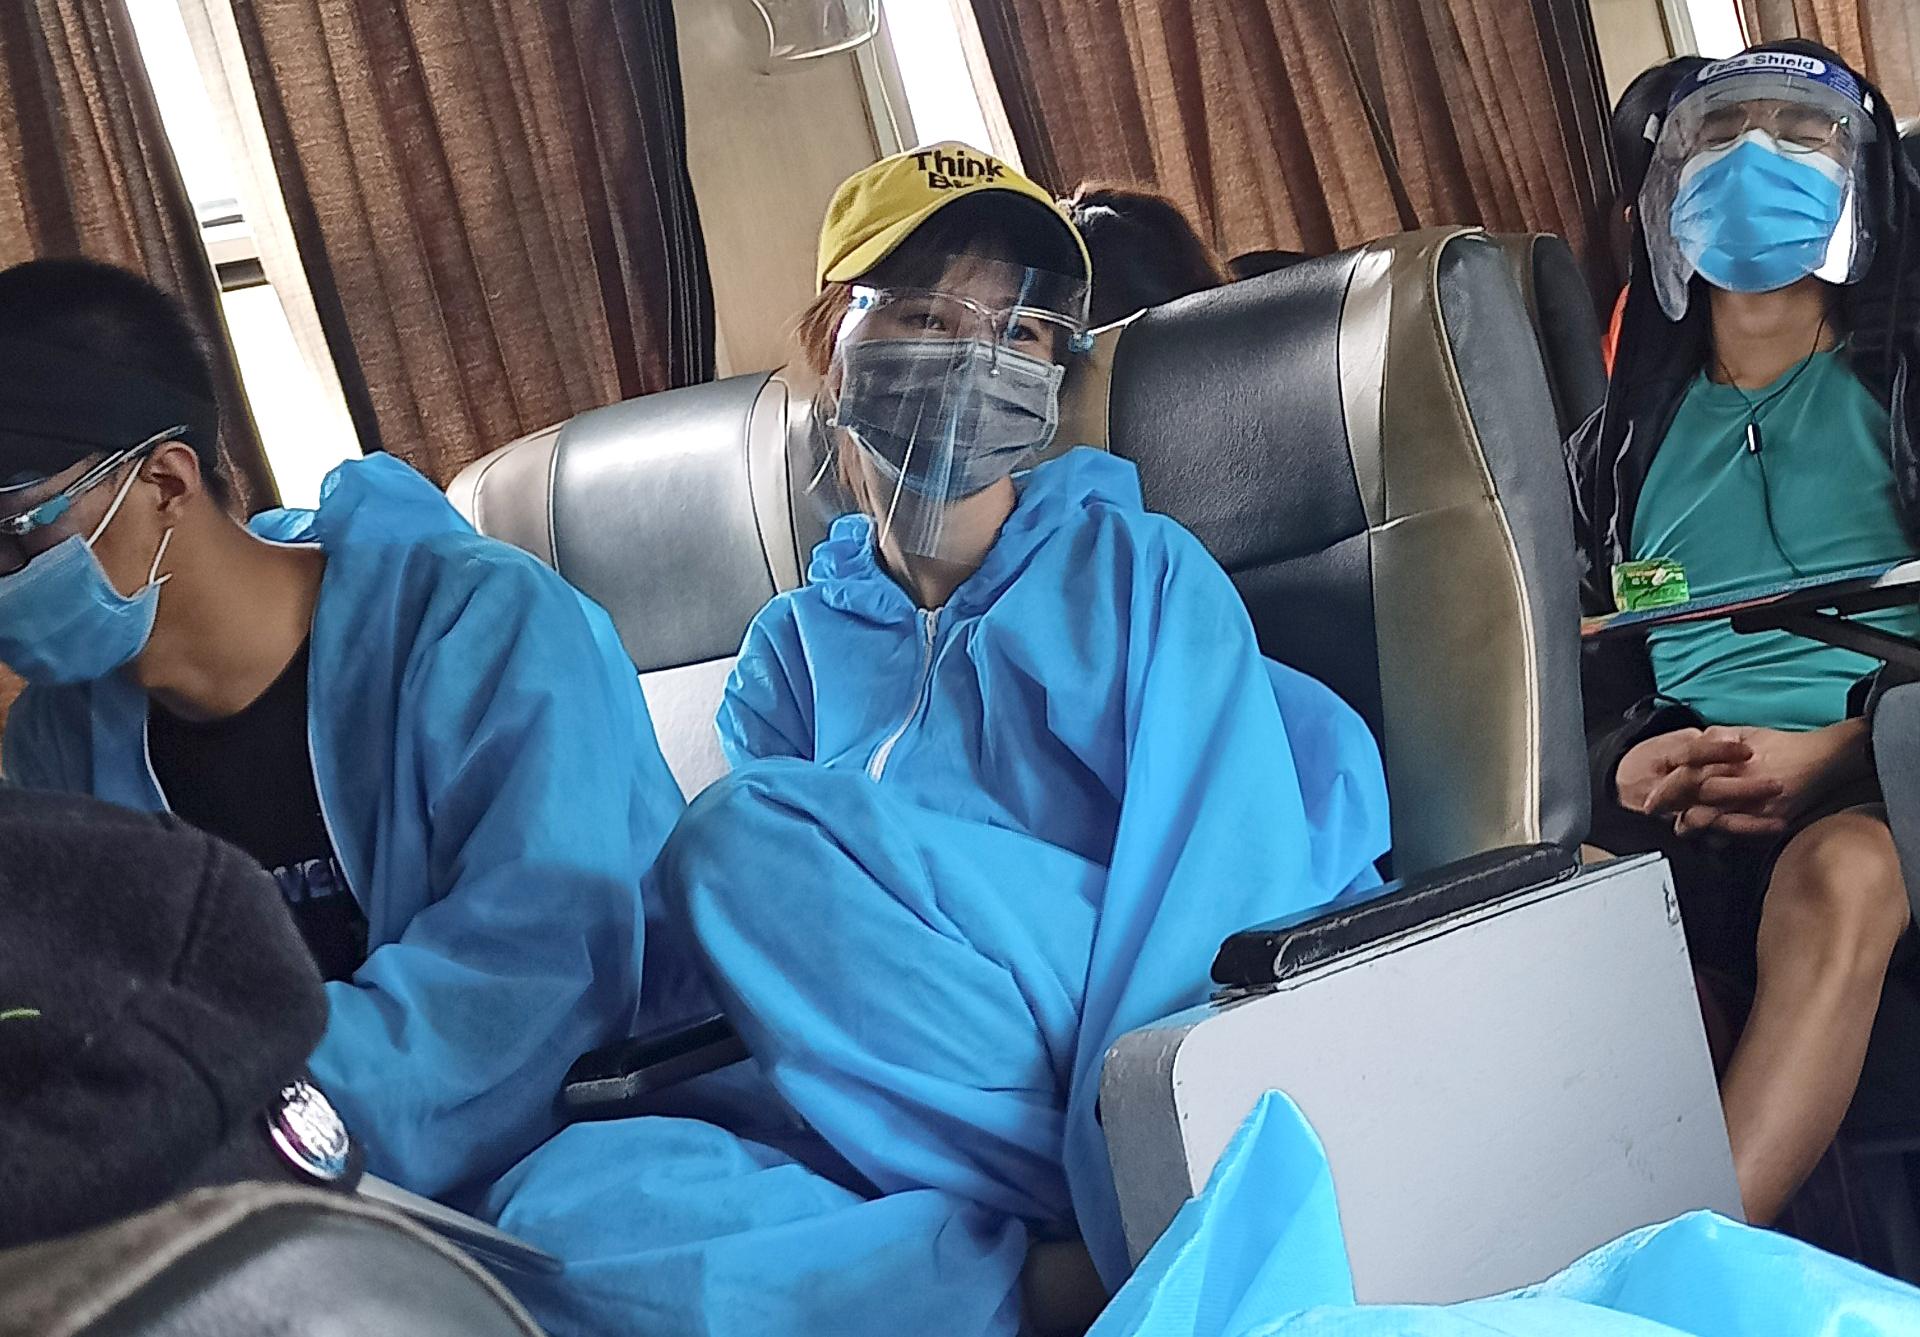 Người dân mặc đồ bảo hộ để đảm bảo an toàn trong quá trình di chuyển về quê